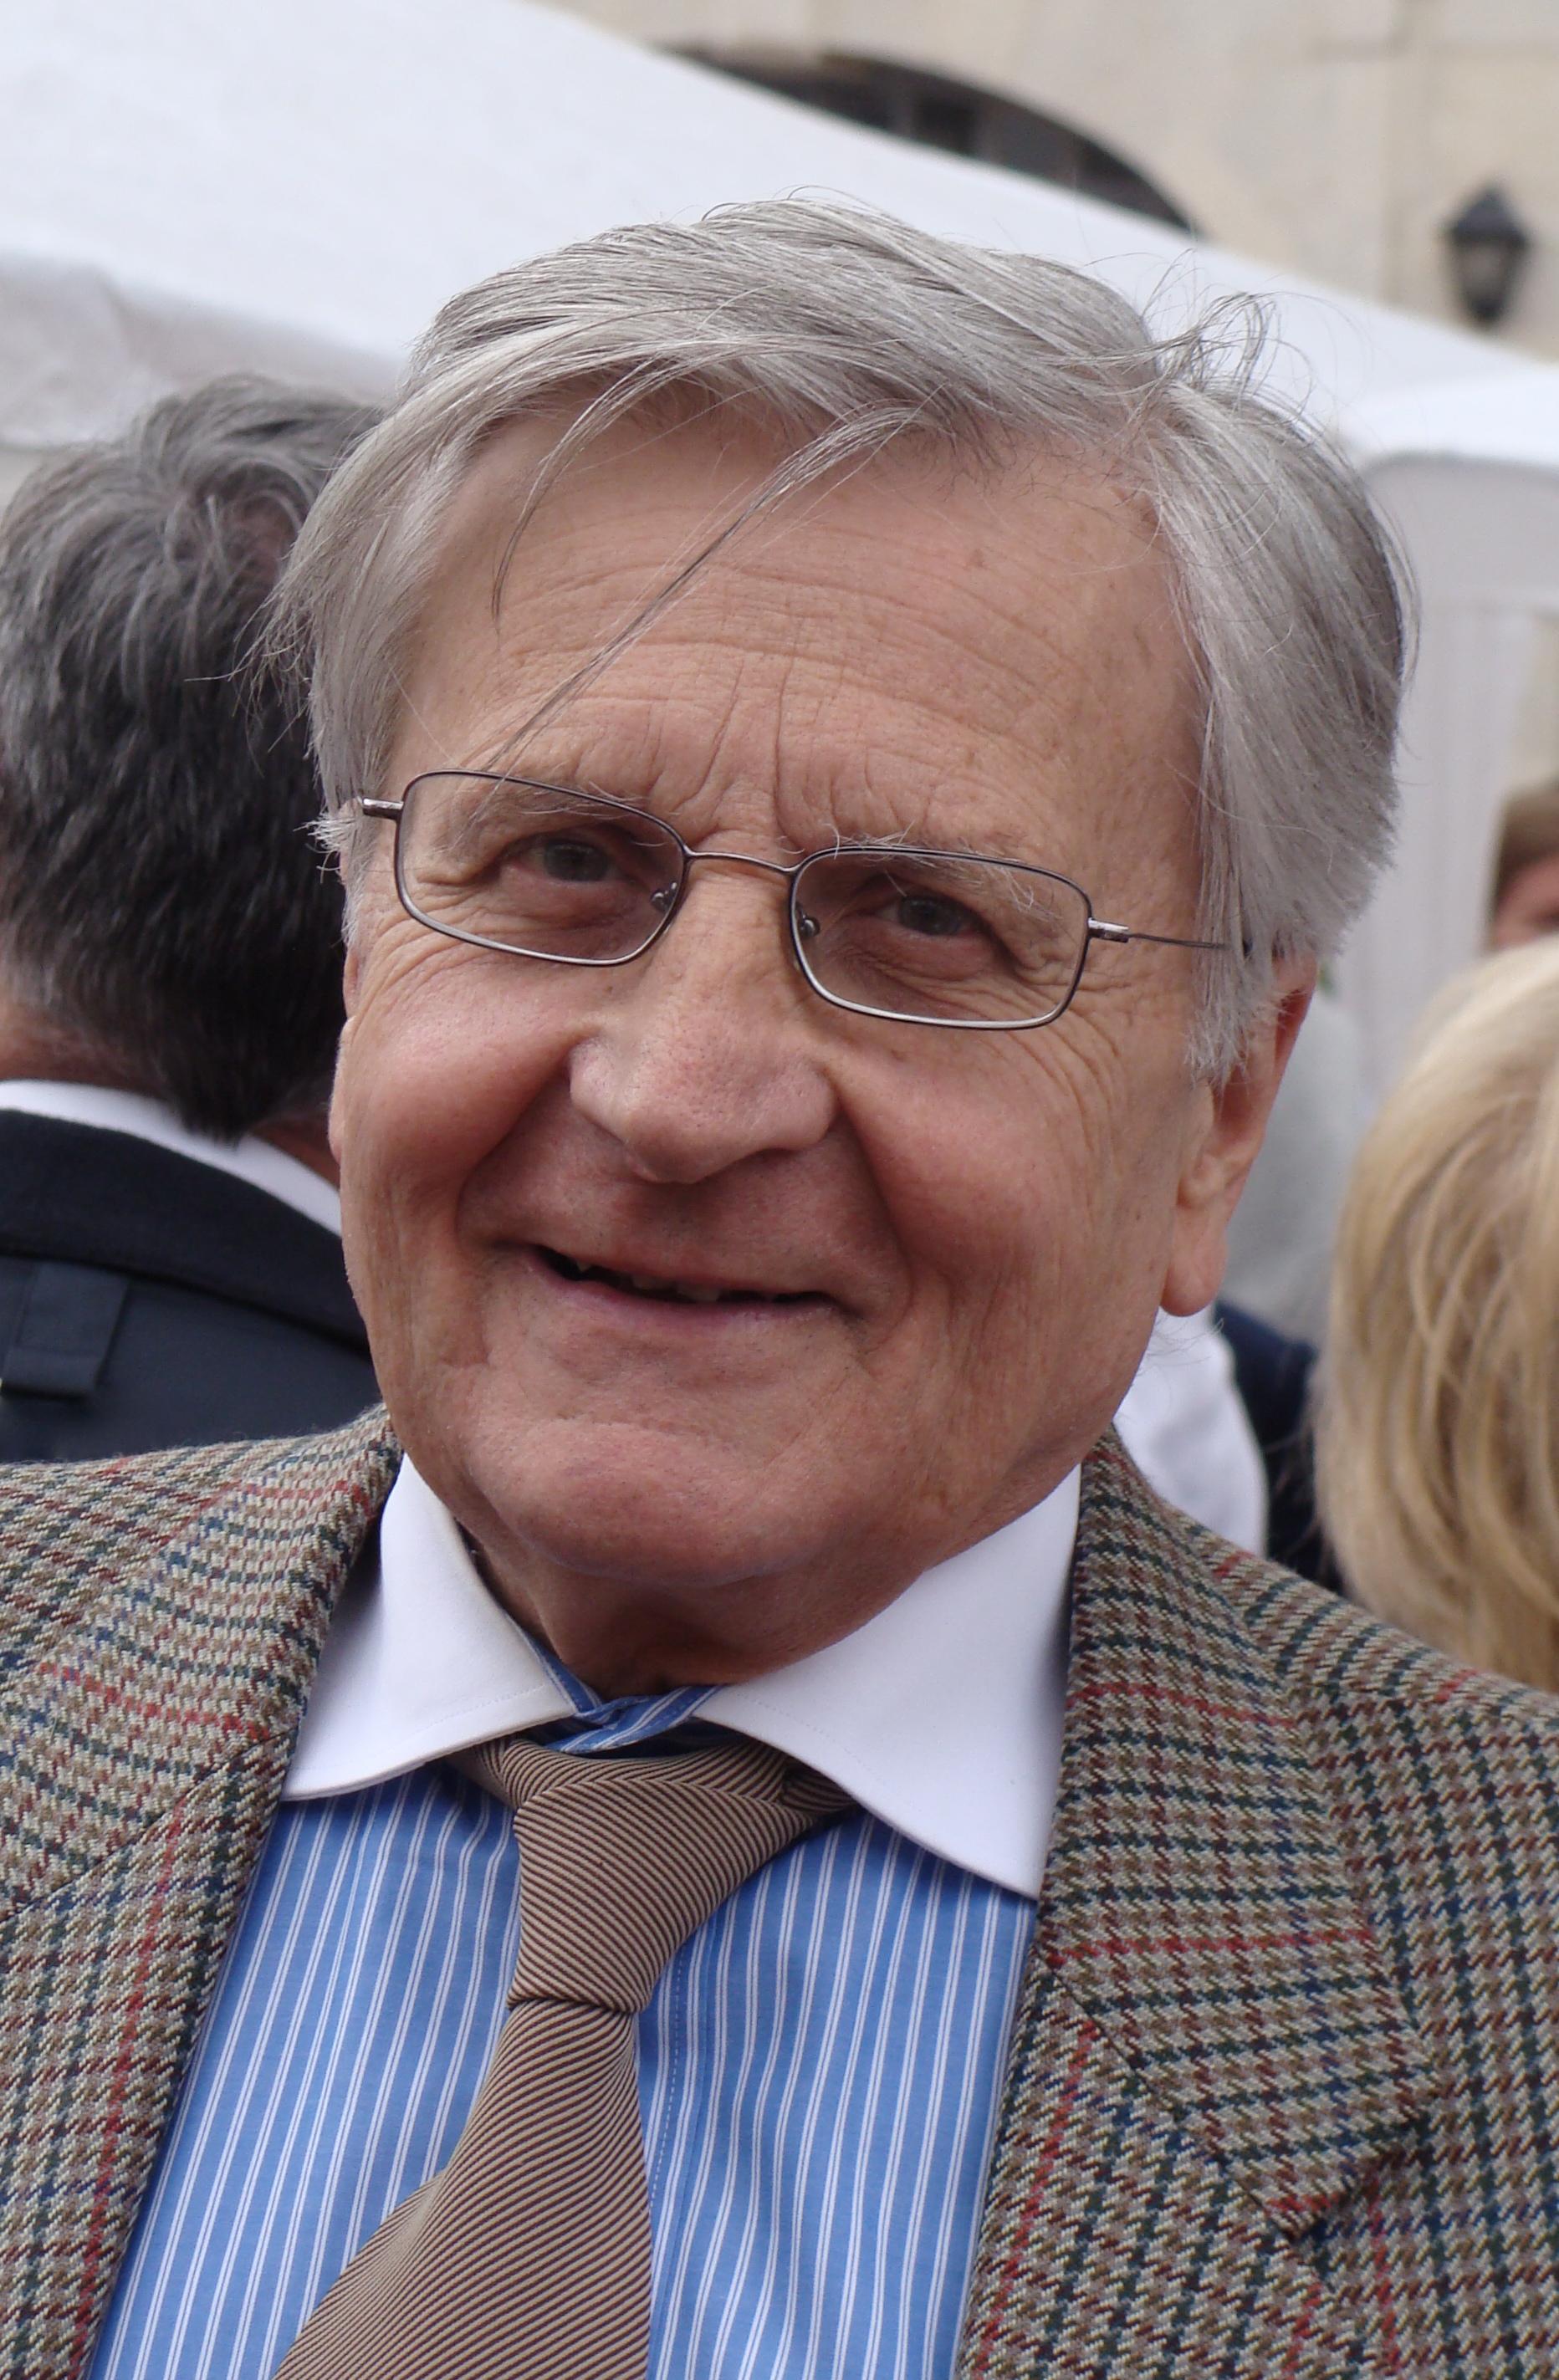 Veja o que saiu no Migalhas sobre Jean-Claude Trichet